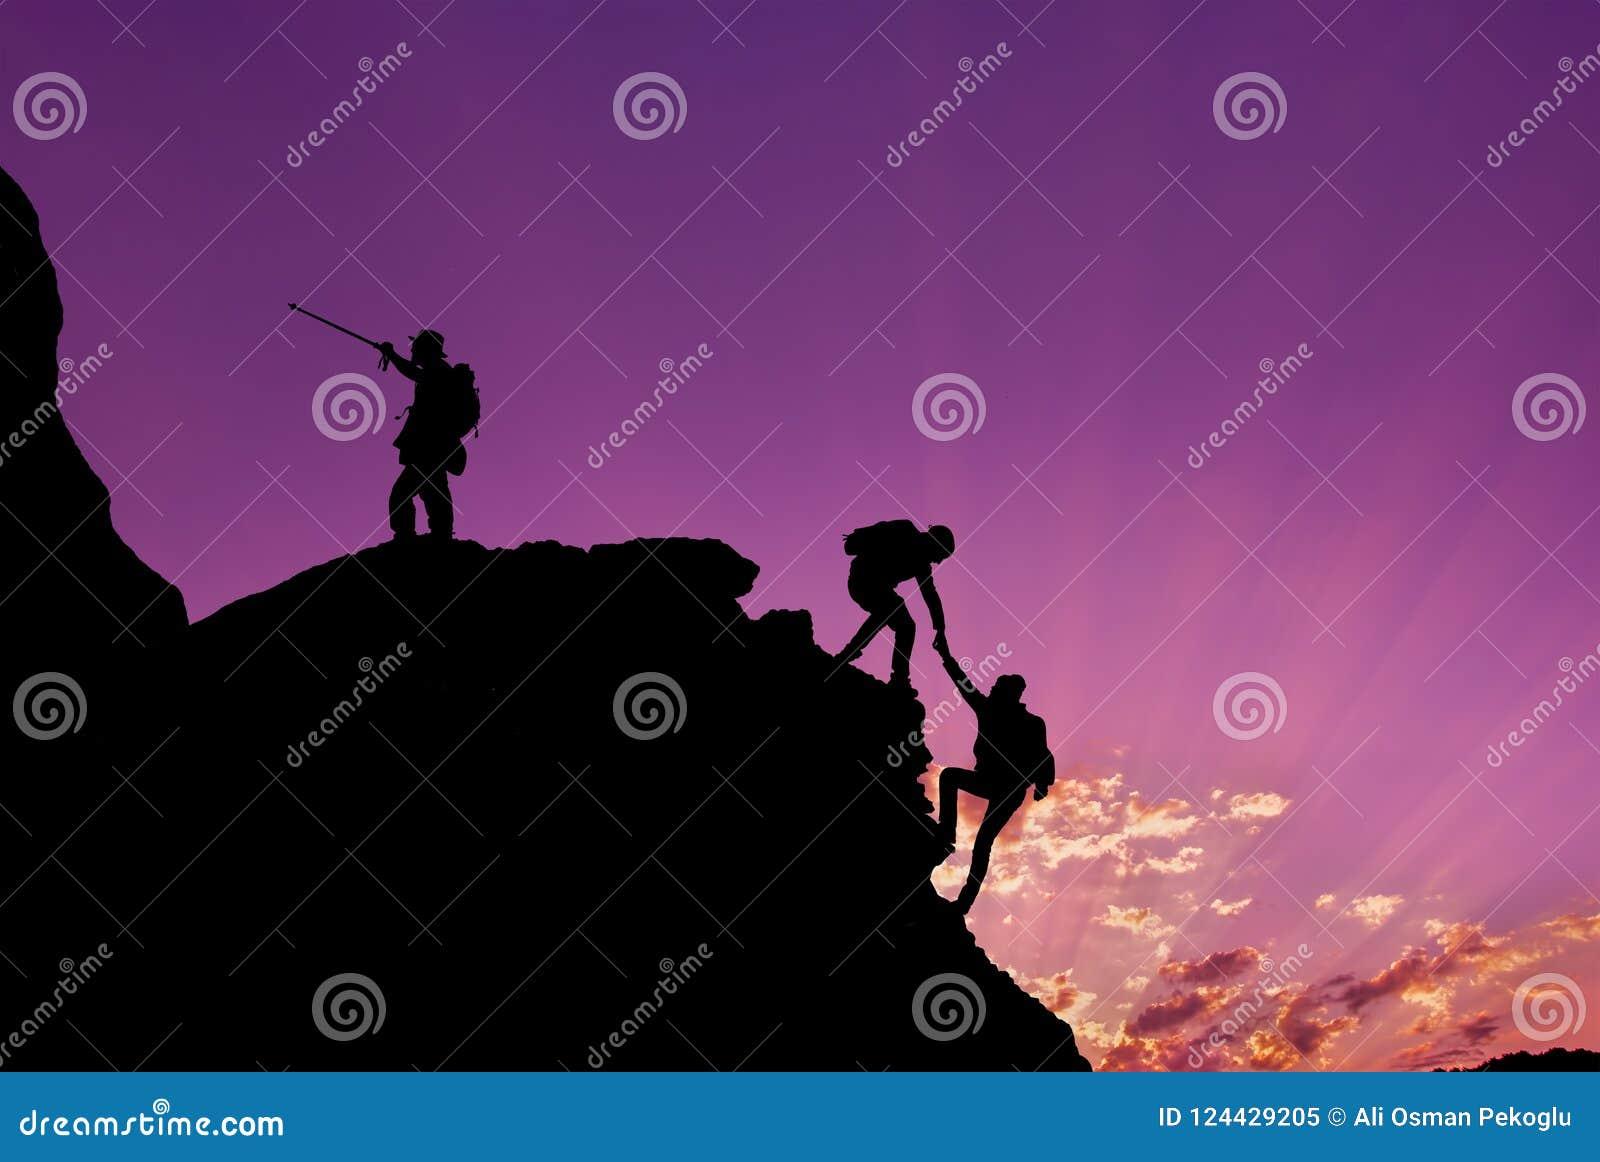 Wycieczkowicze wspina się na skale, góra przy zmierzchem, jeden one daje ręce i pomaga wspinać się Praca zespołowa, pomoce, sukce